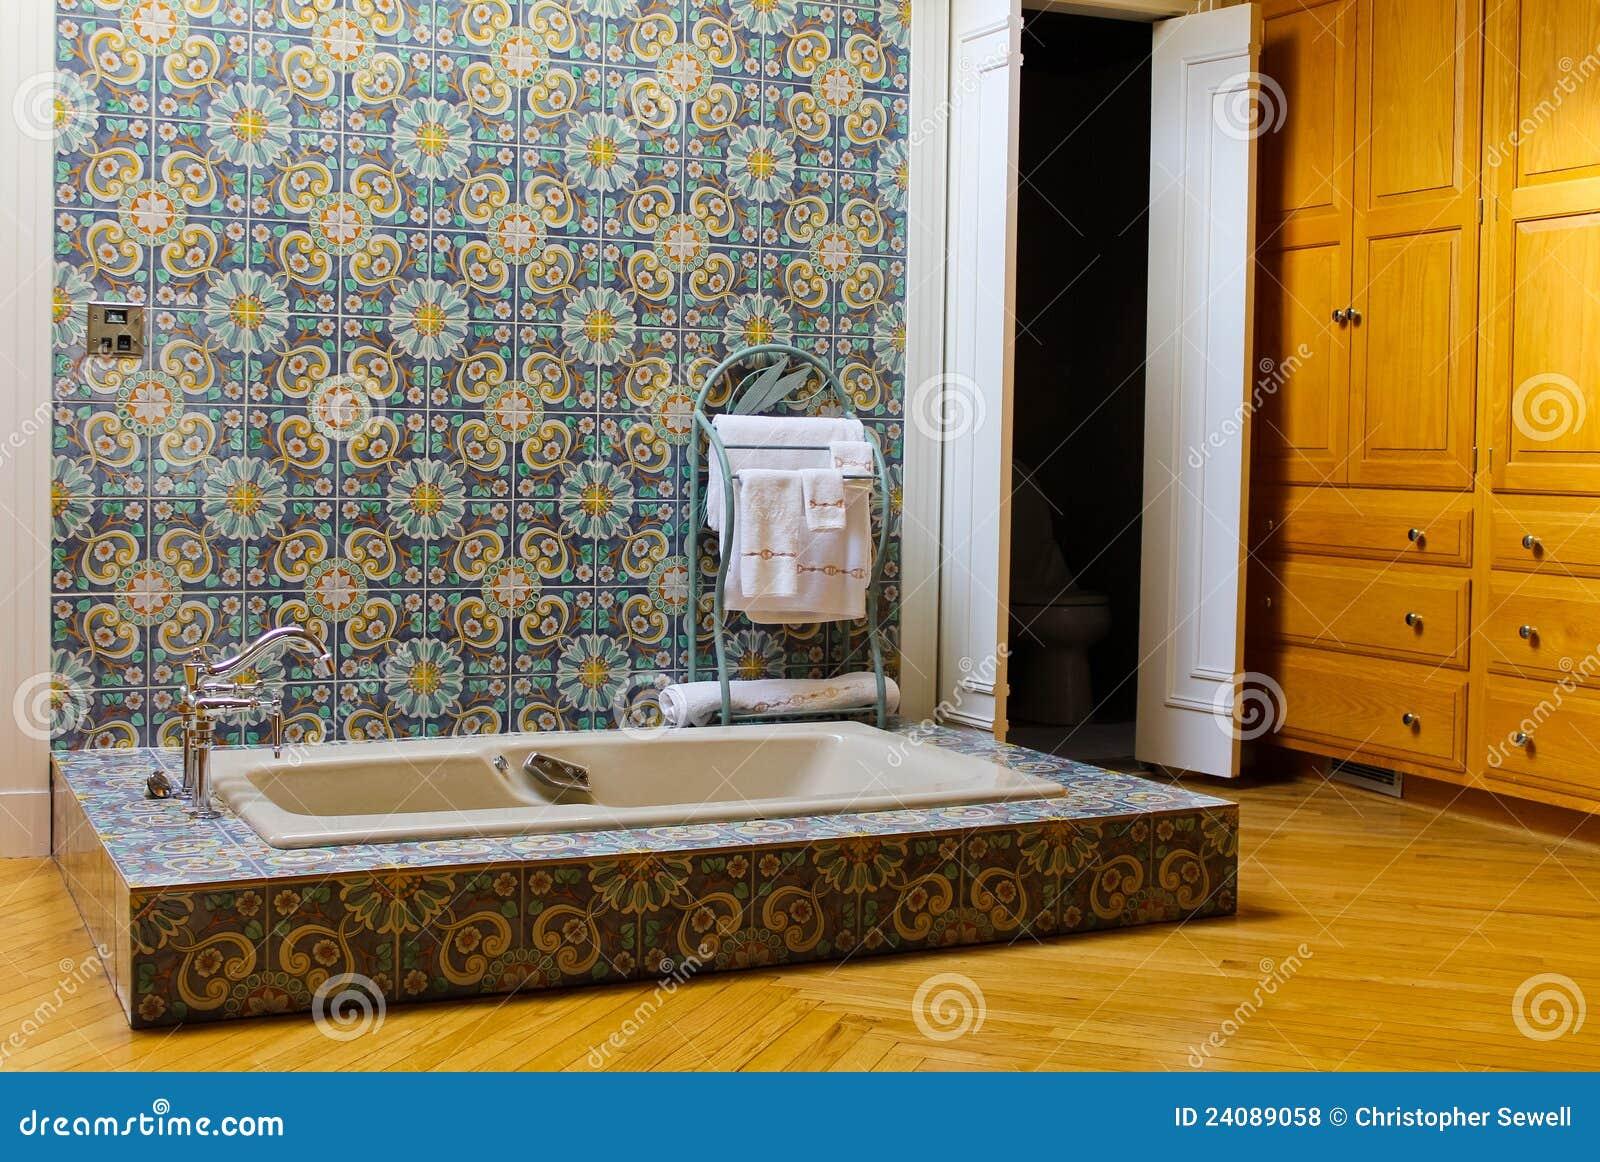 Tinas De Baño Viejas:Escena Rústica Del Cuarto De Baño Fotos de archivo libres de